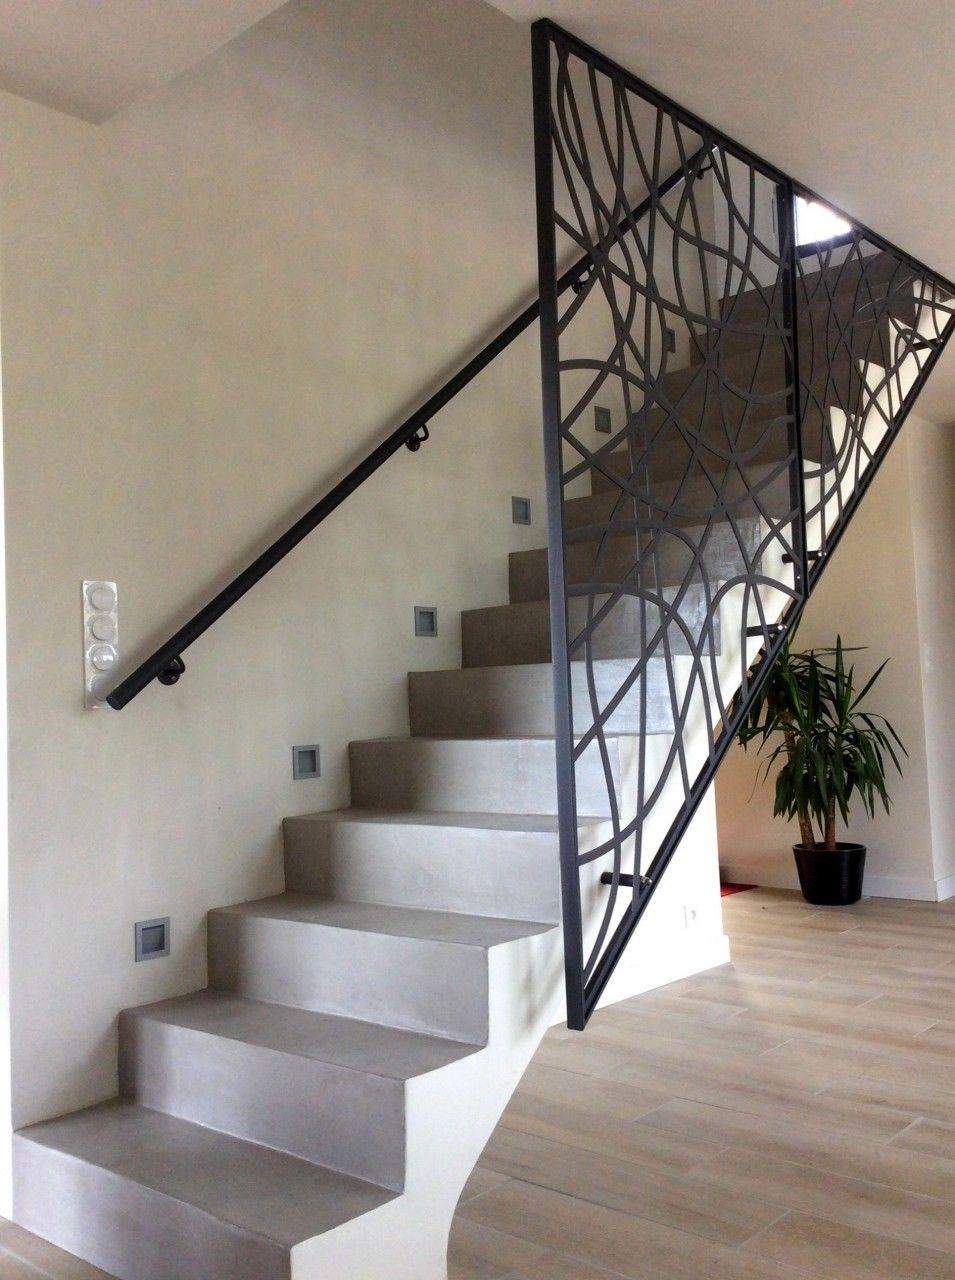 20 cocinas moderna con balcon 2019 escalera en 2019 - Barandillas para escaleras interiores modernas ...